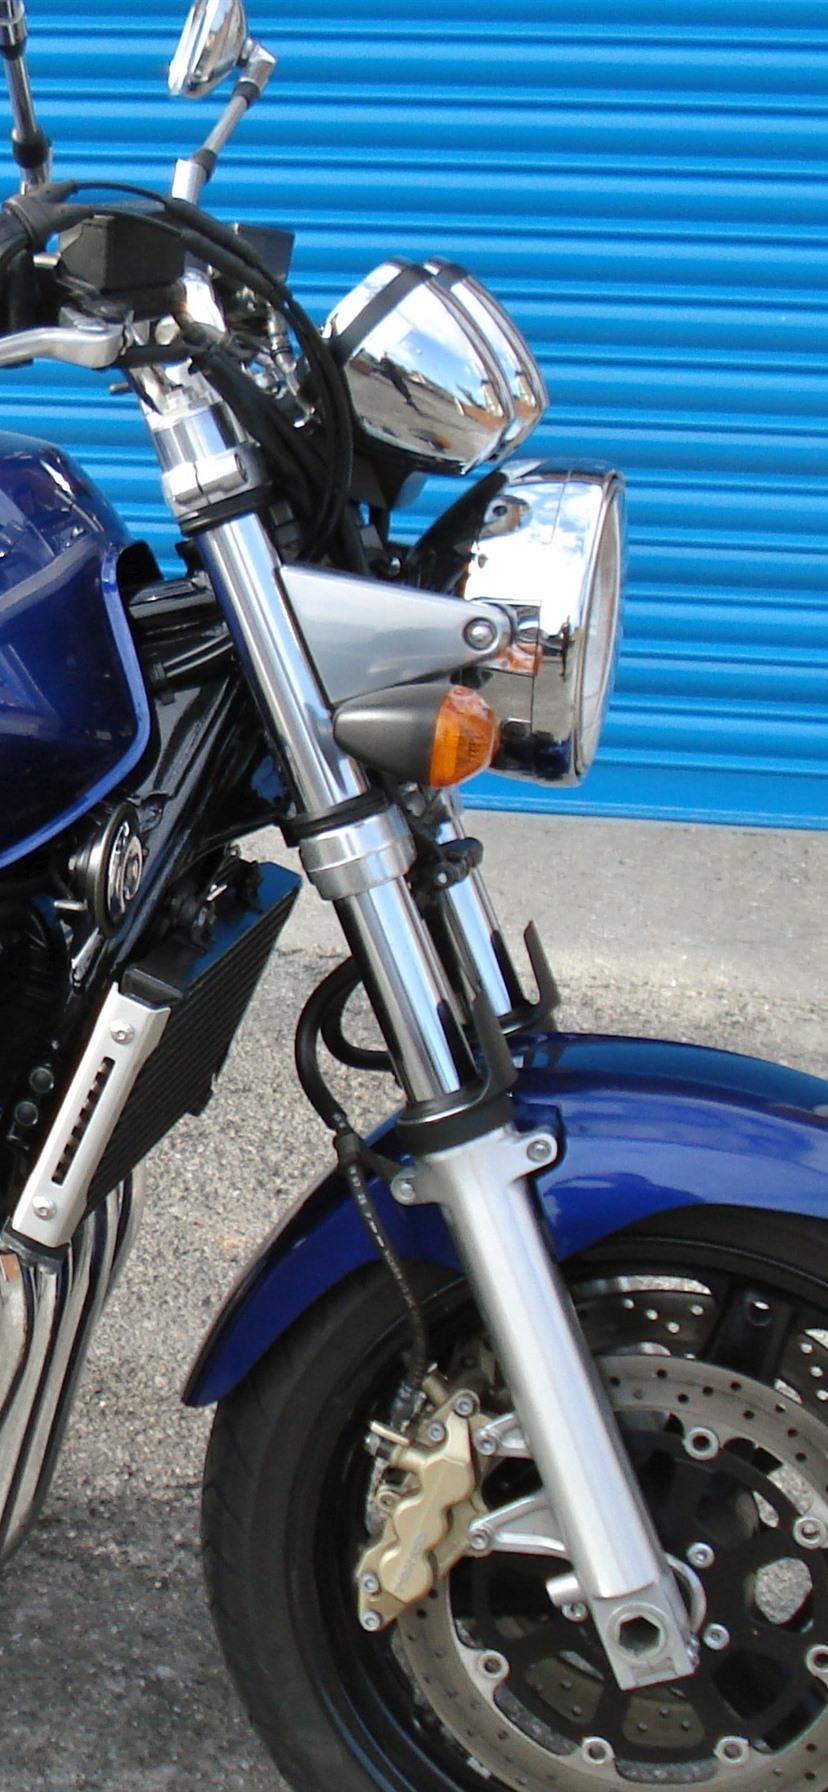 スズキ Gsx 1400 ブルーオートバイ 8x1792 Iphone 11 Xr 壁紙 背景 画像